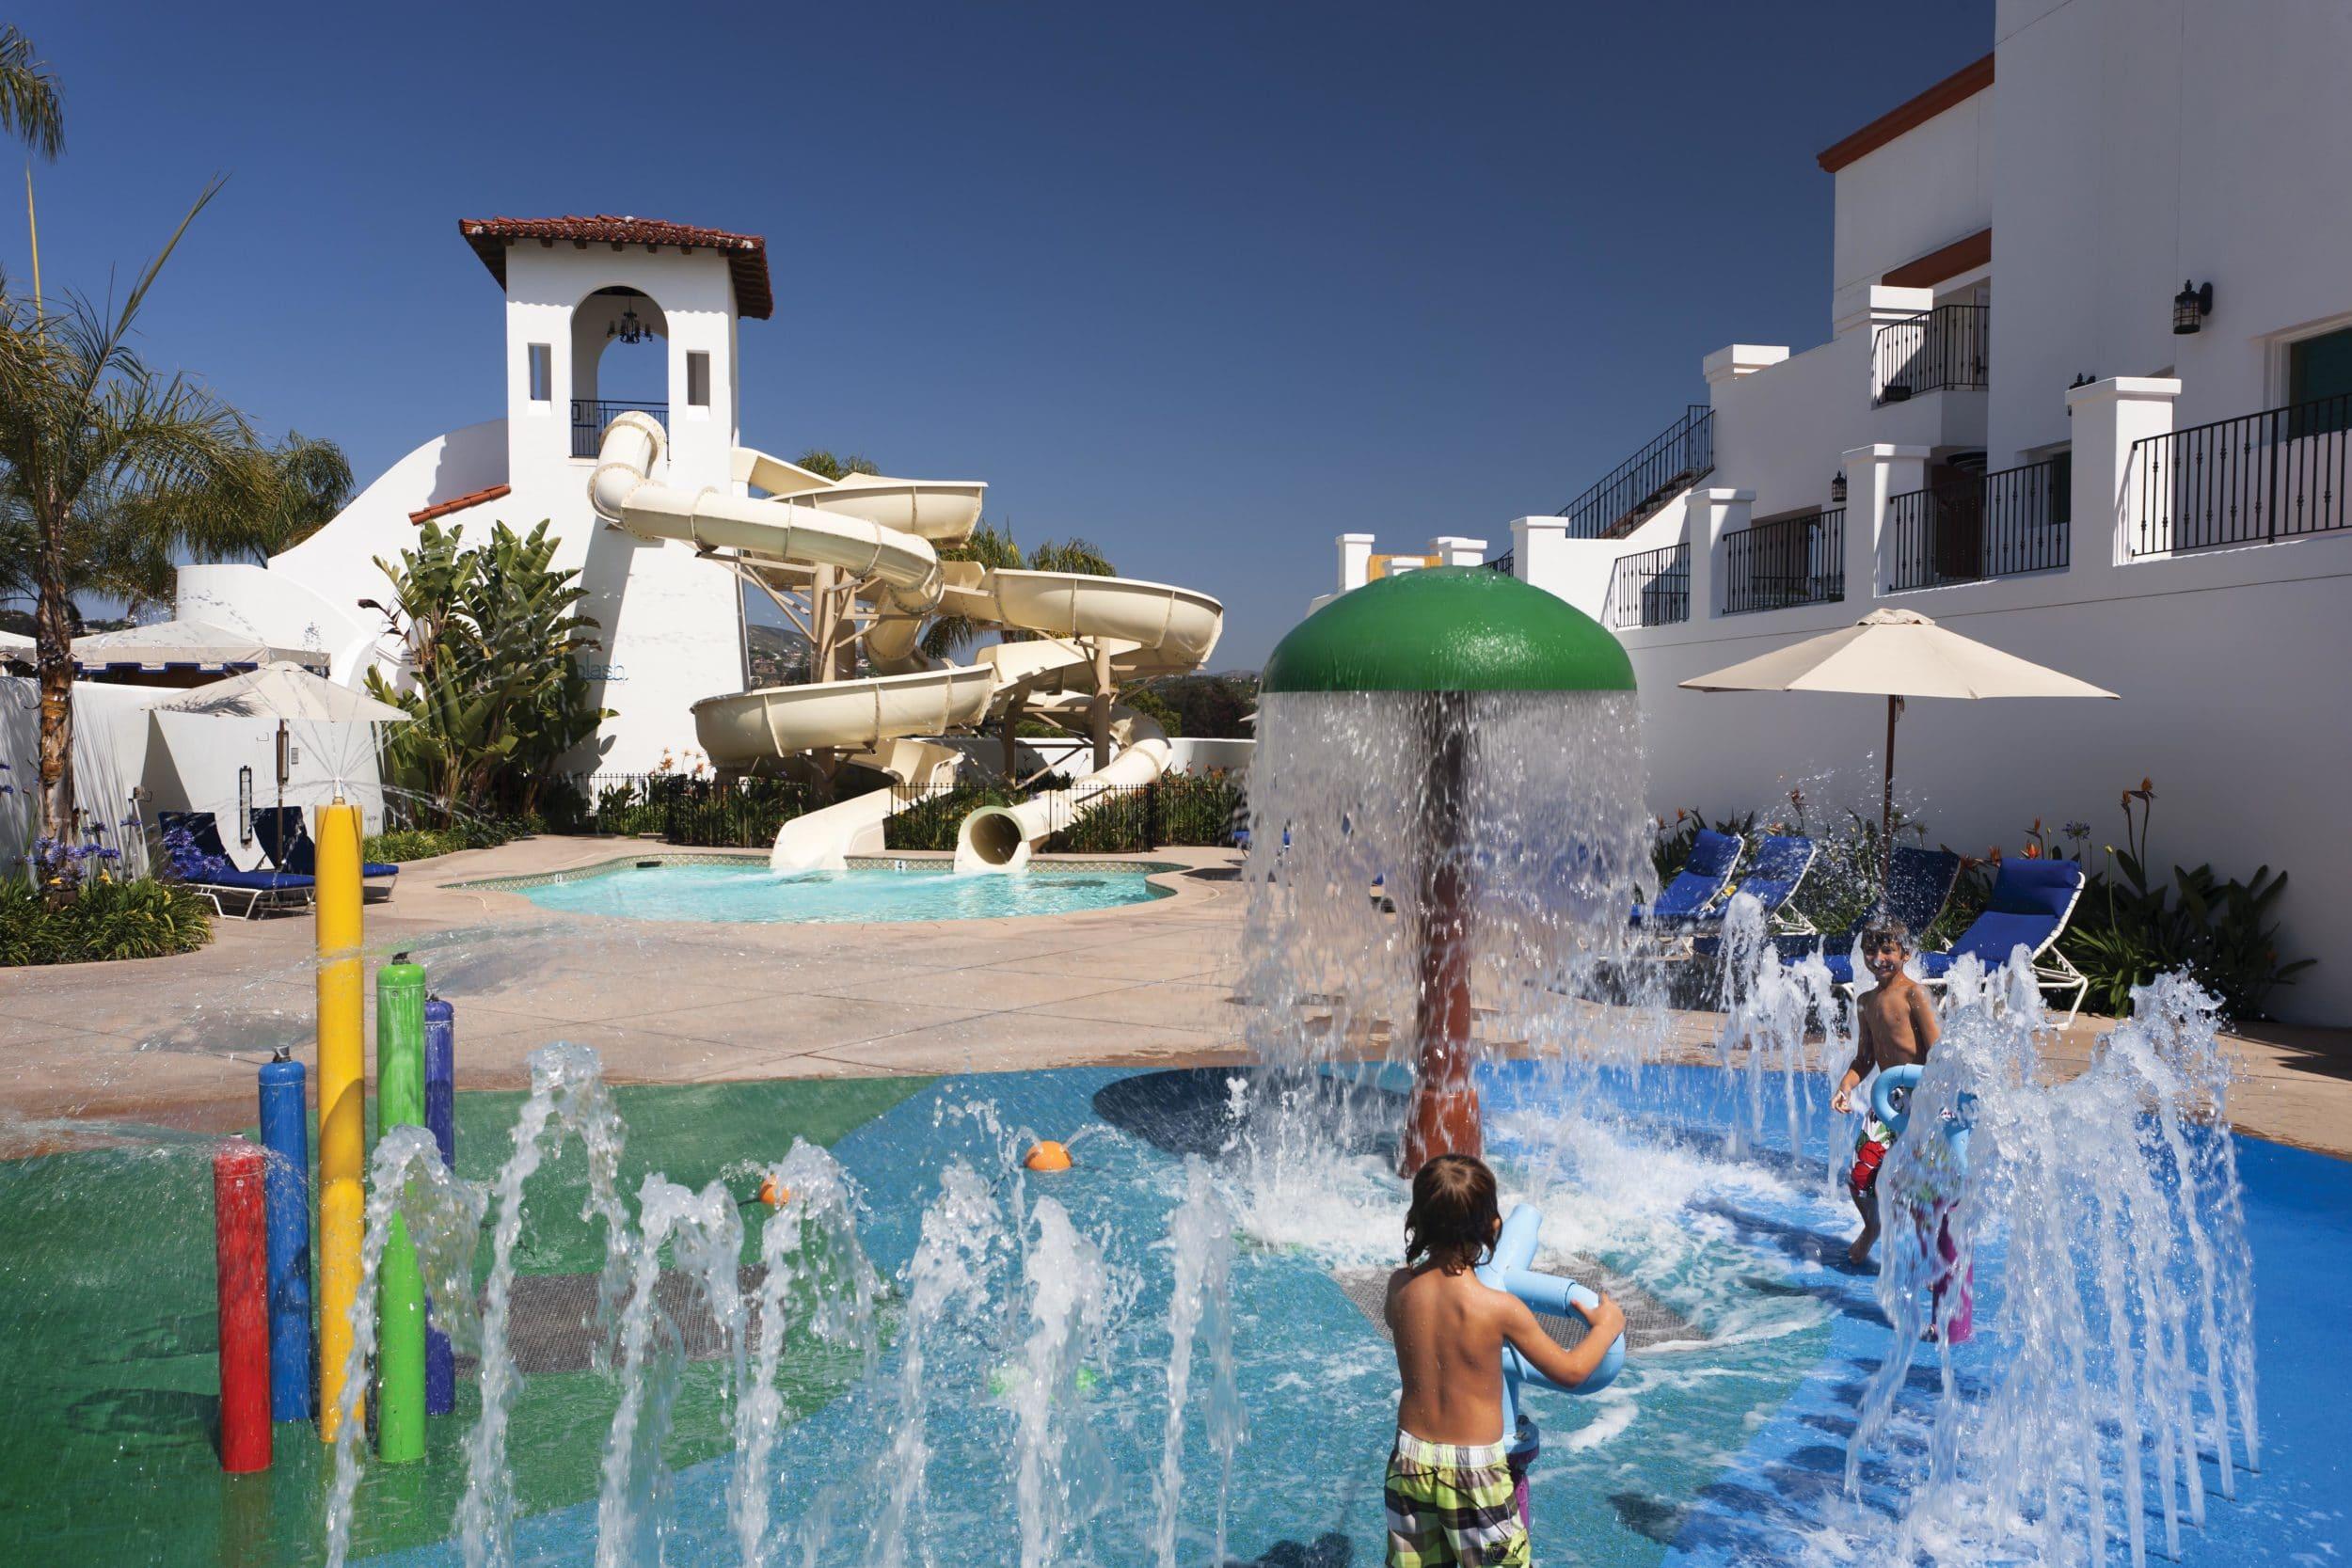 Omni La Costa Resort and Spa Family Pool